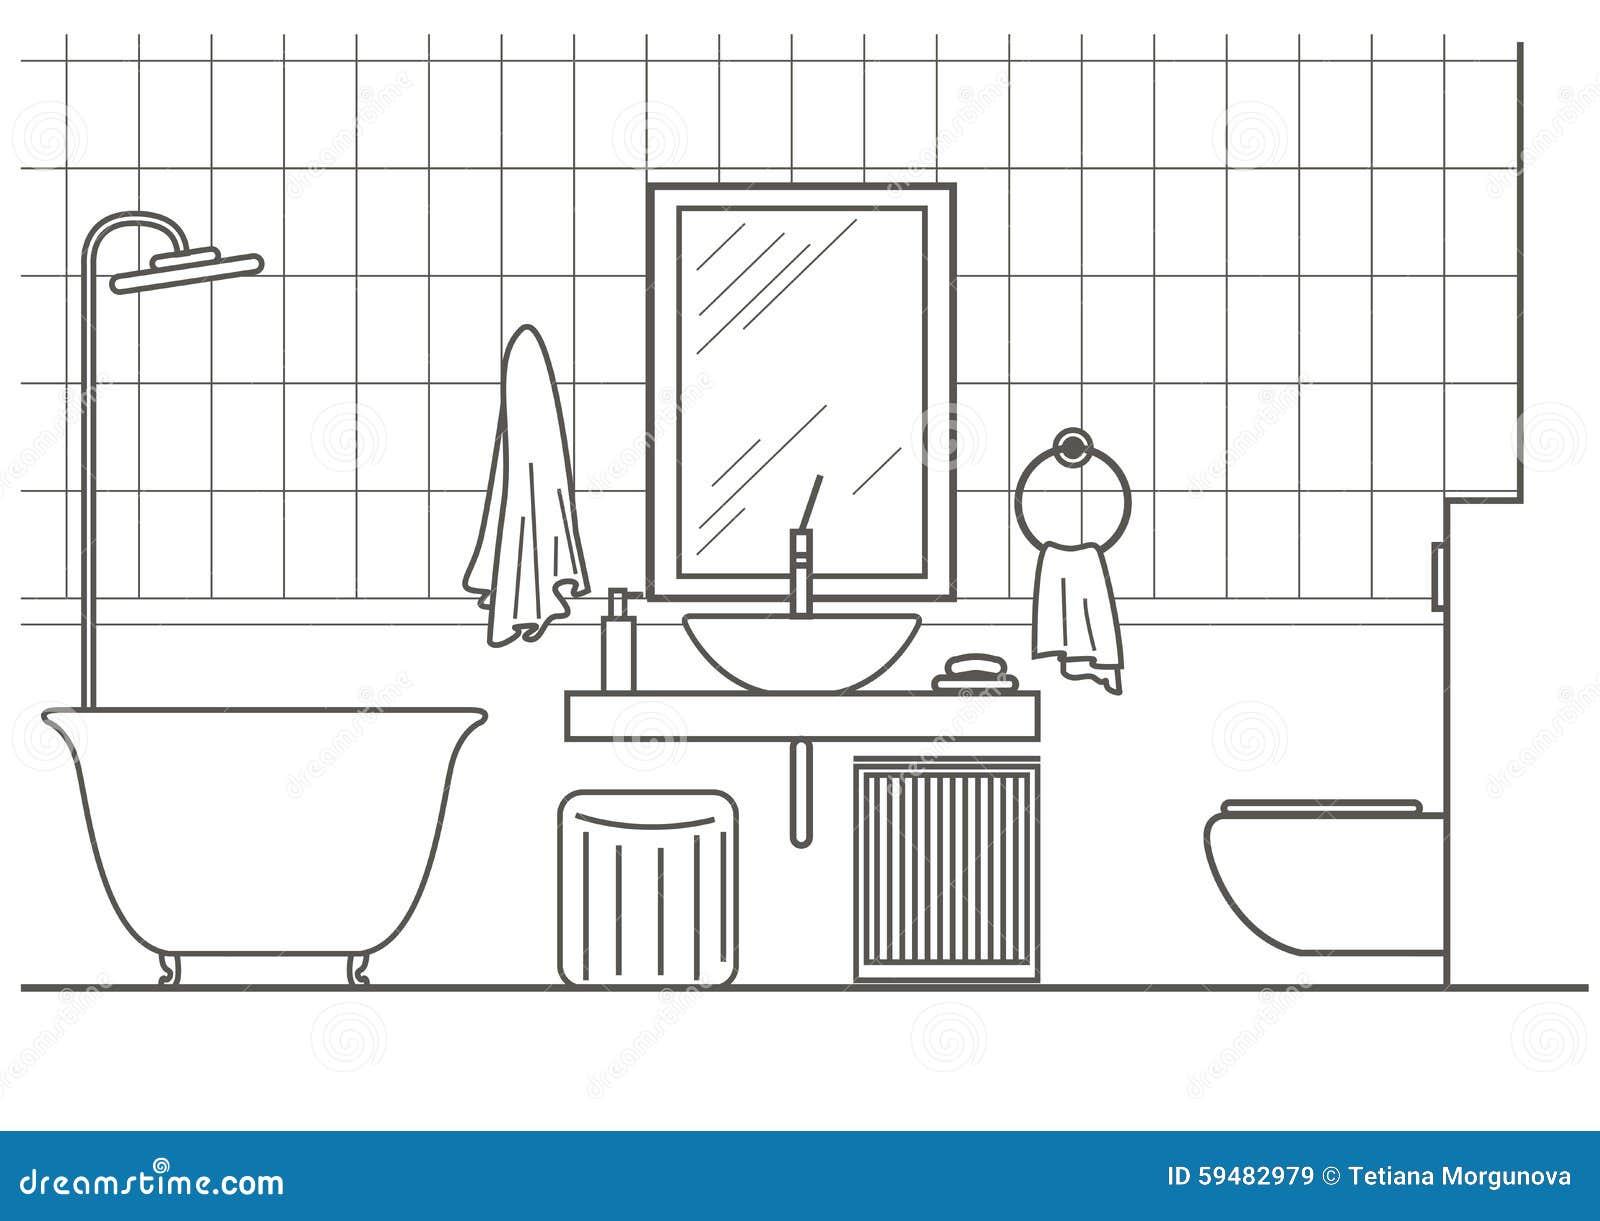 vue de face int rieure de salle de bains architecturale de croquis illustration de vecteur. Black Bedroom Furniture Sets. Home Design Ideas